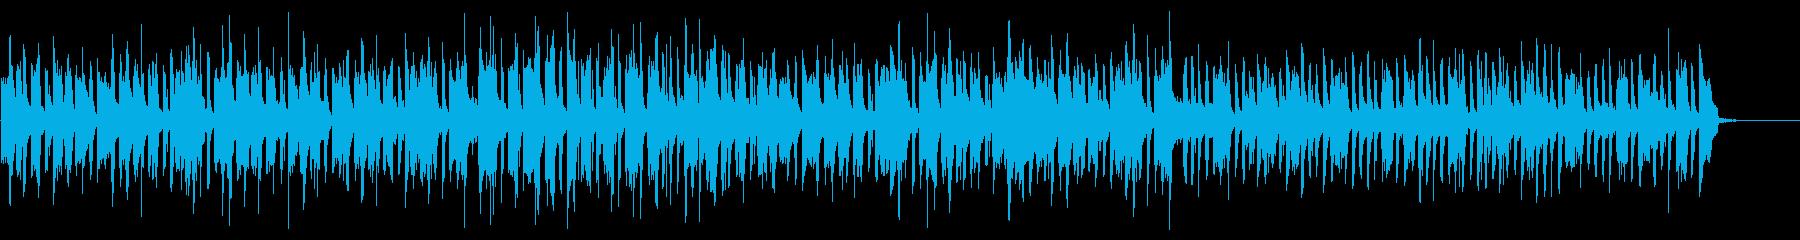 日常系わくわくお出かけアウトドアBGMの再生済みの波形